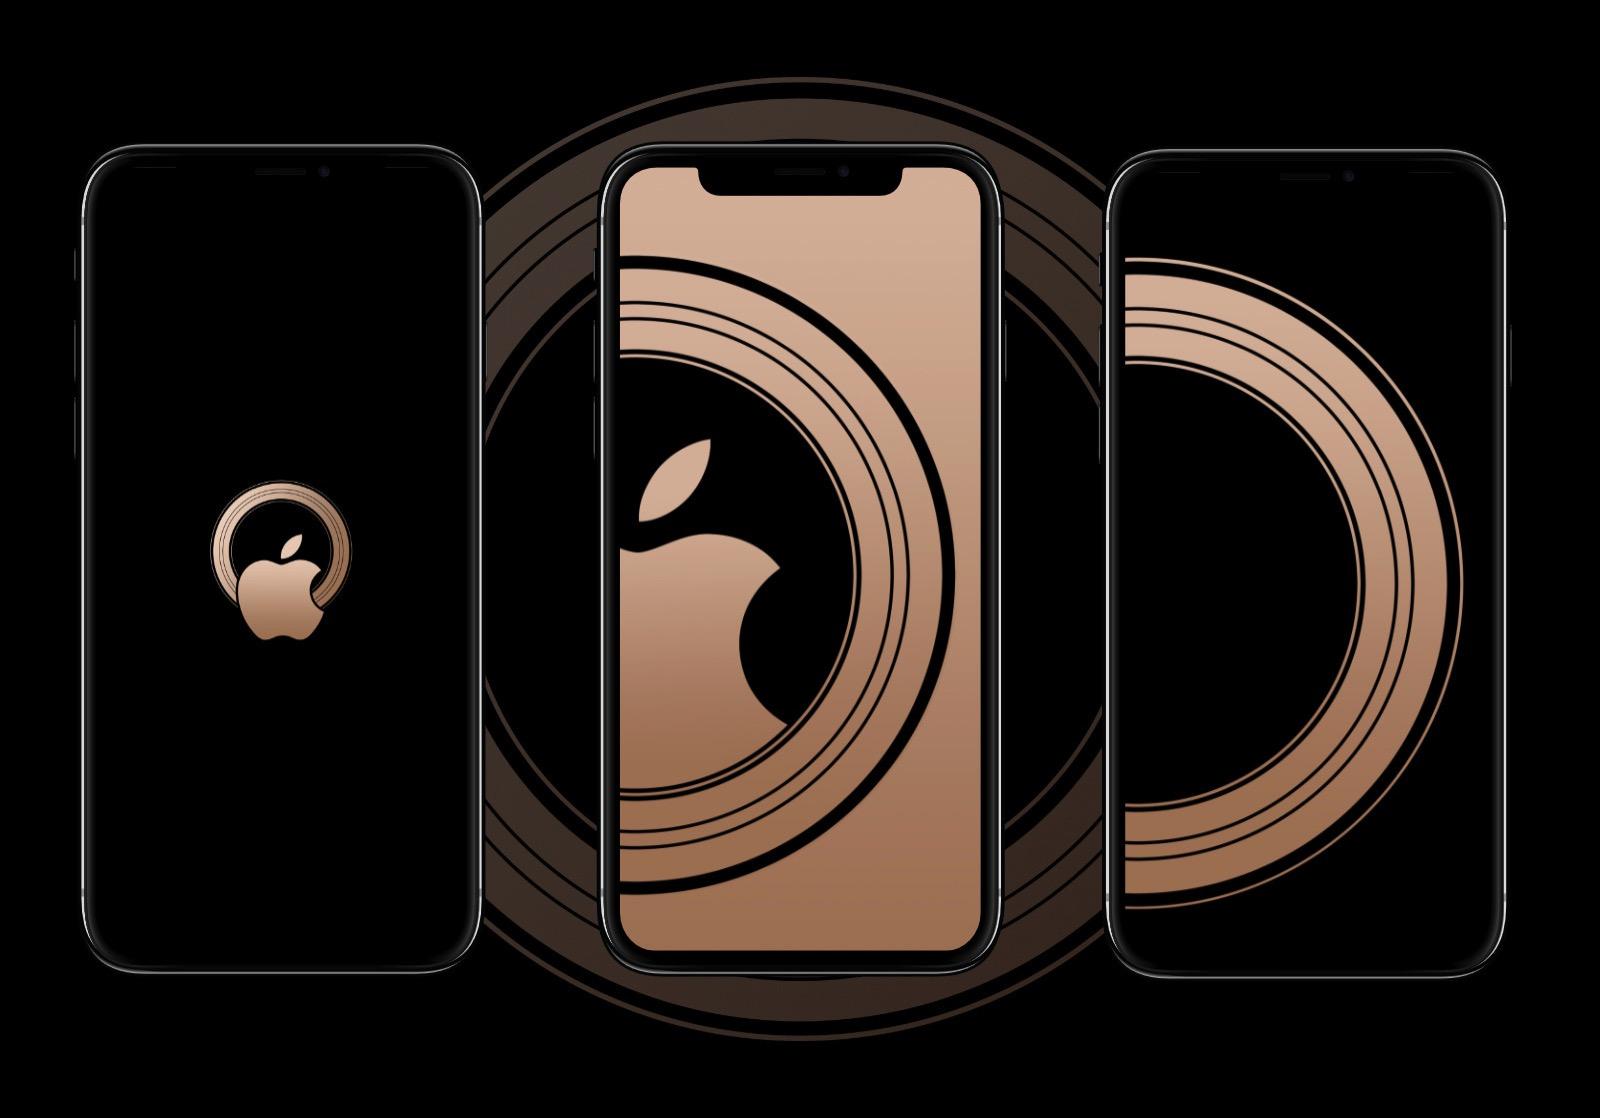 新型iphone発表イベントの招待状デザインの壁紙が公開 2018年版